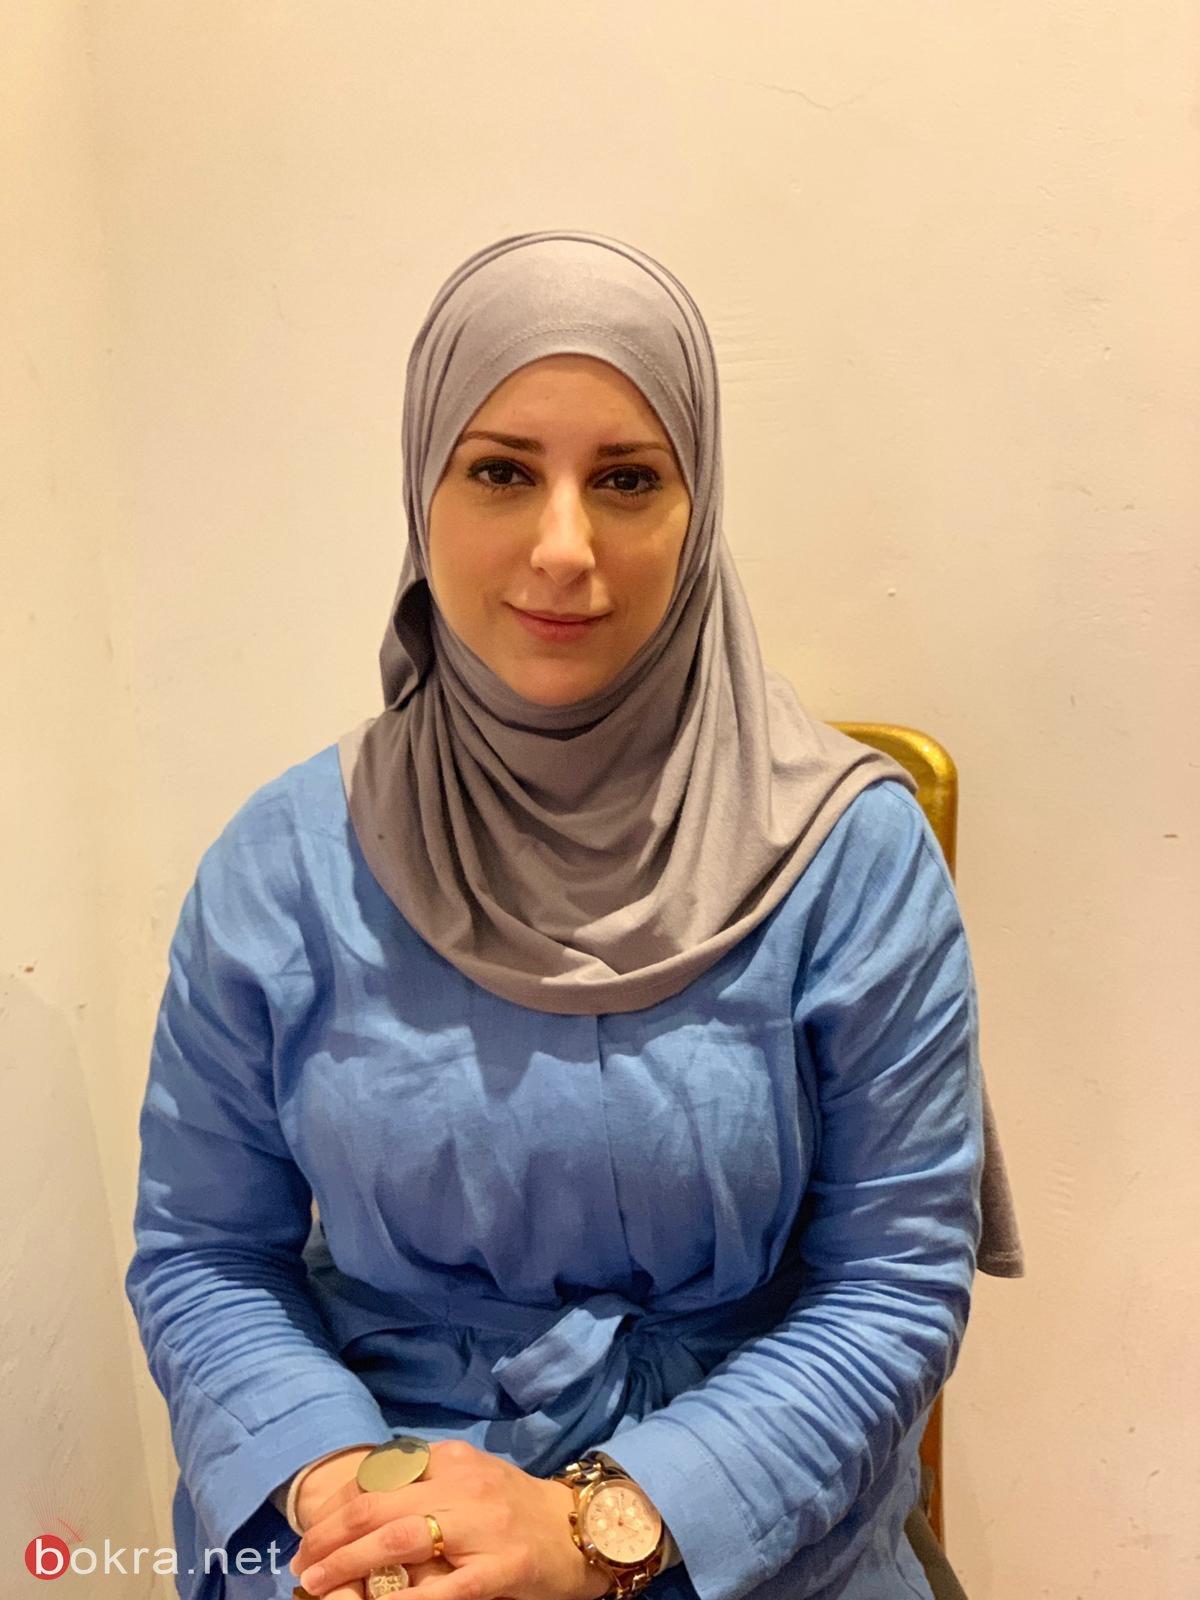 العبودية الحديثة تستهدف المرأة العربية .. بخس للحقوق الى حد الافقار والتجويع دون حلول